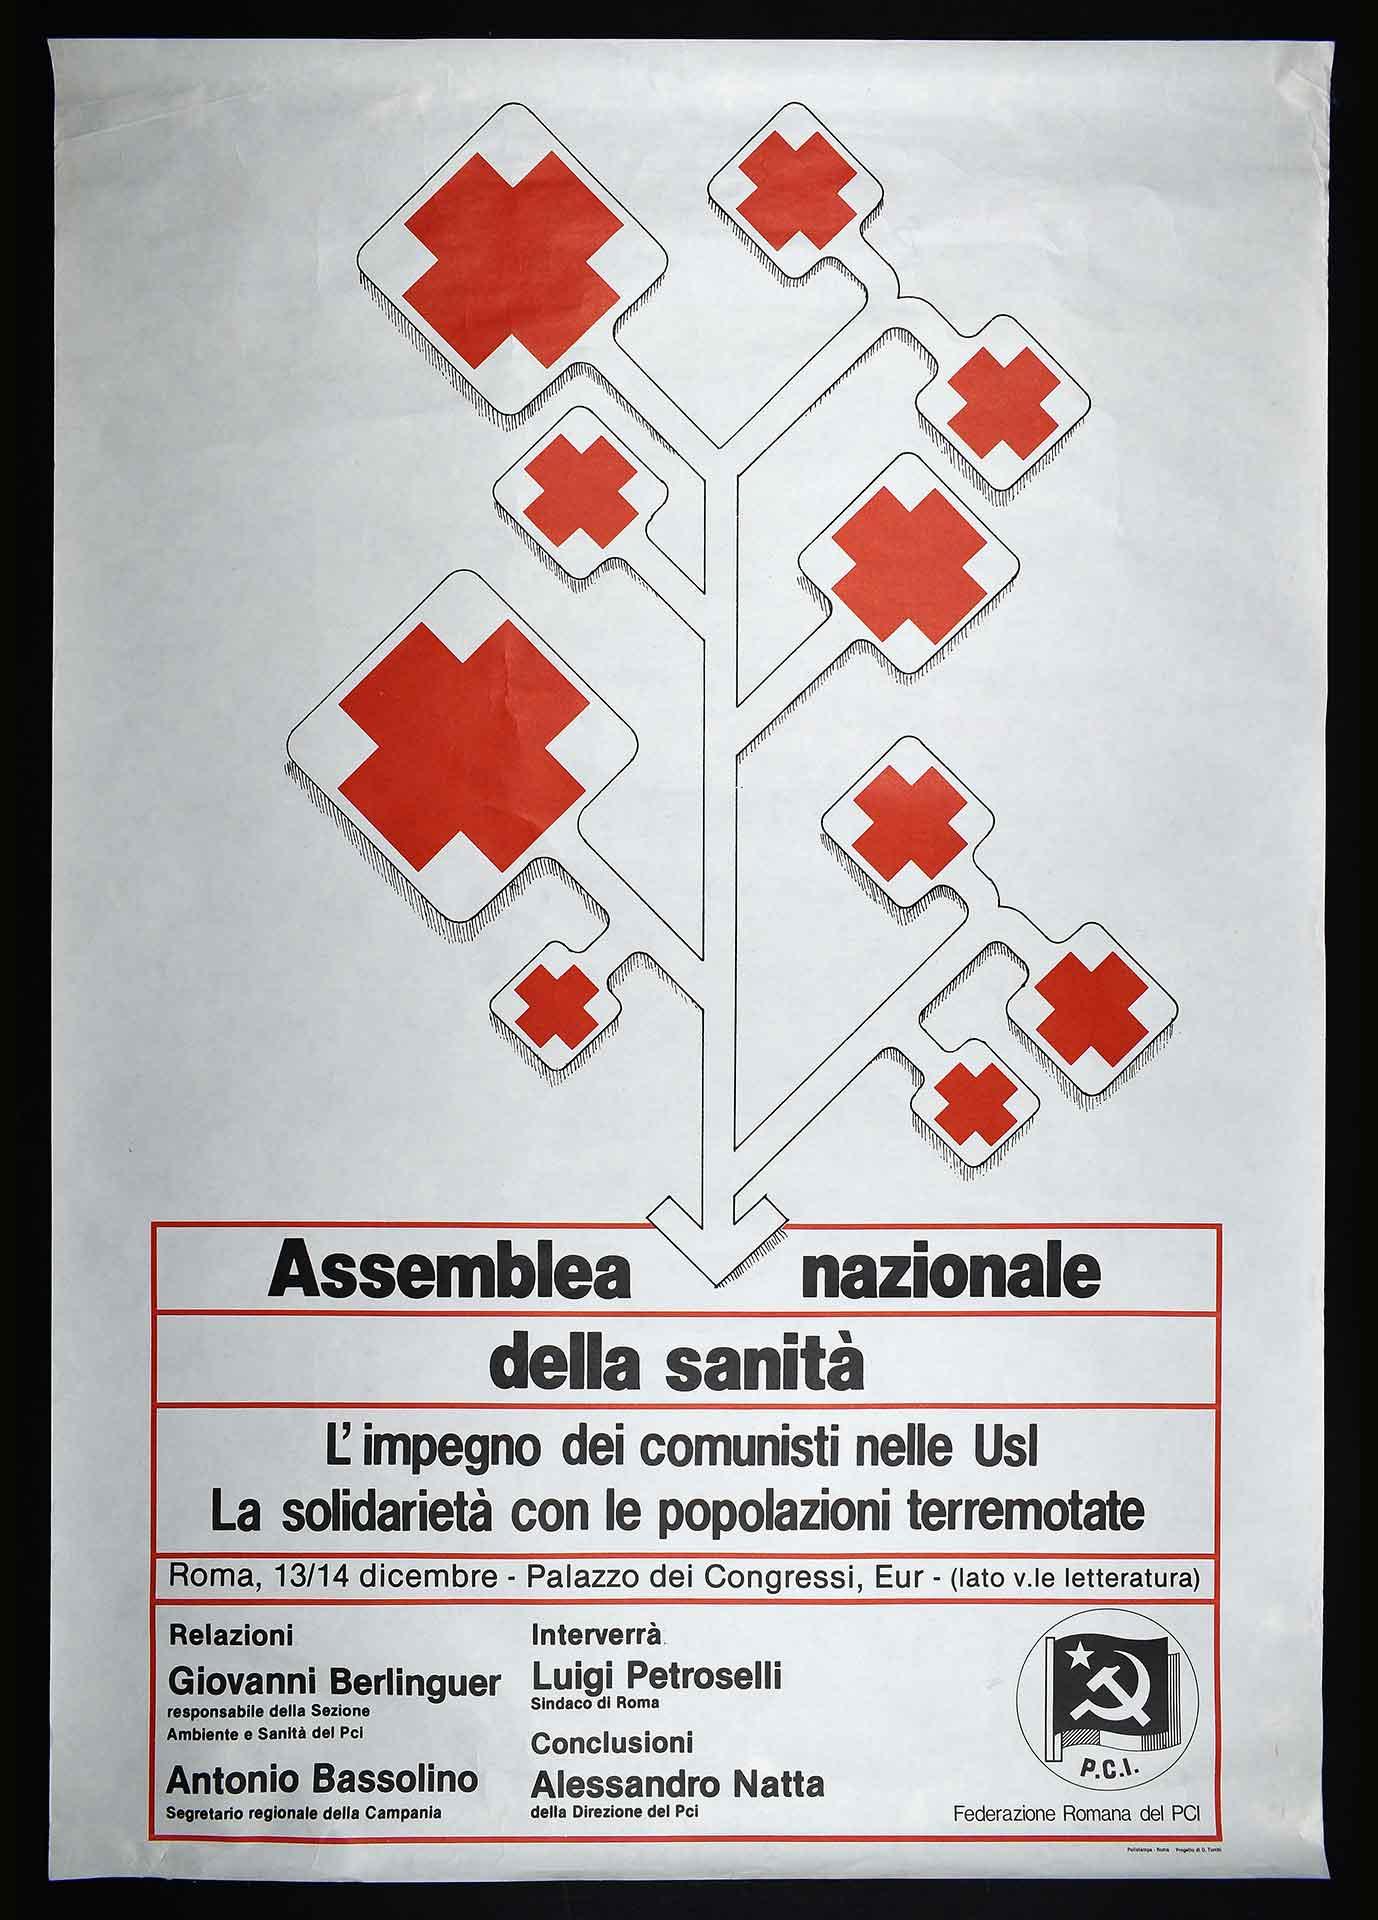 Federazione romana del Partito comunista italiano (PCI) per la sanità pubblica. Stampa Polistampa, Roma. Progetto di D. Turchi. Comunicazione di partito.